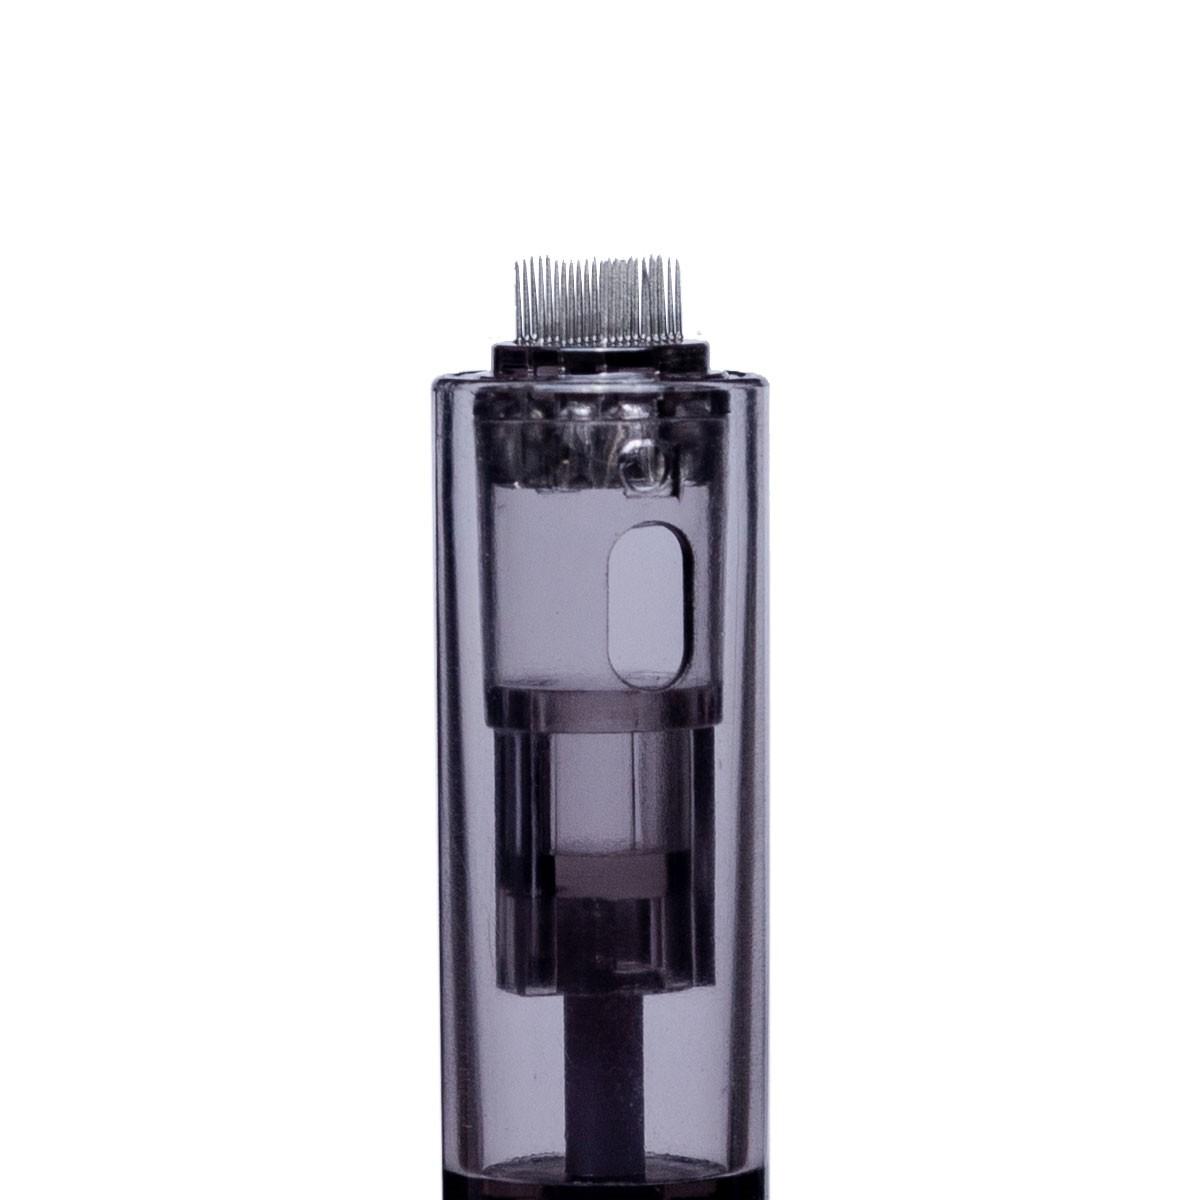 Cartucho Smart GR Derma Pen Preto 36 agulhas  - Kit com 10 unidades